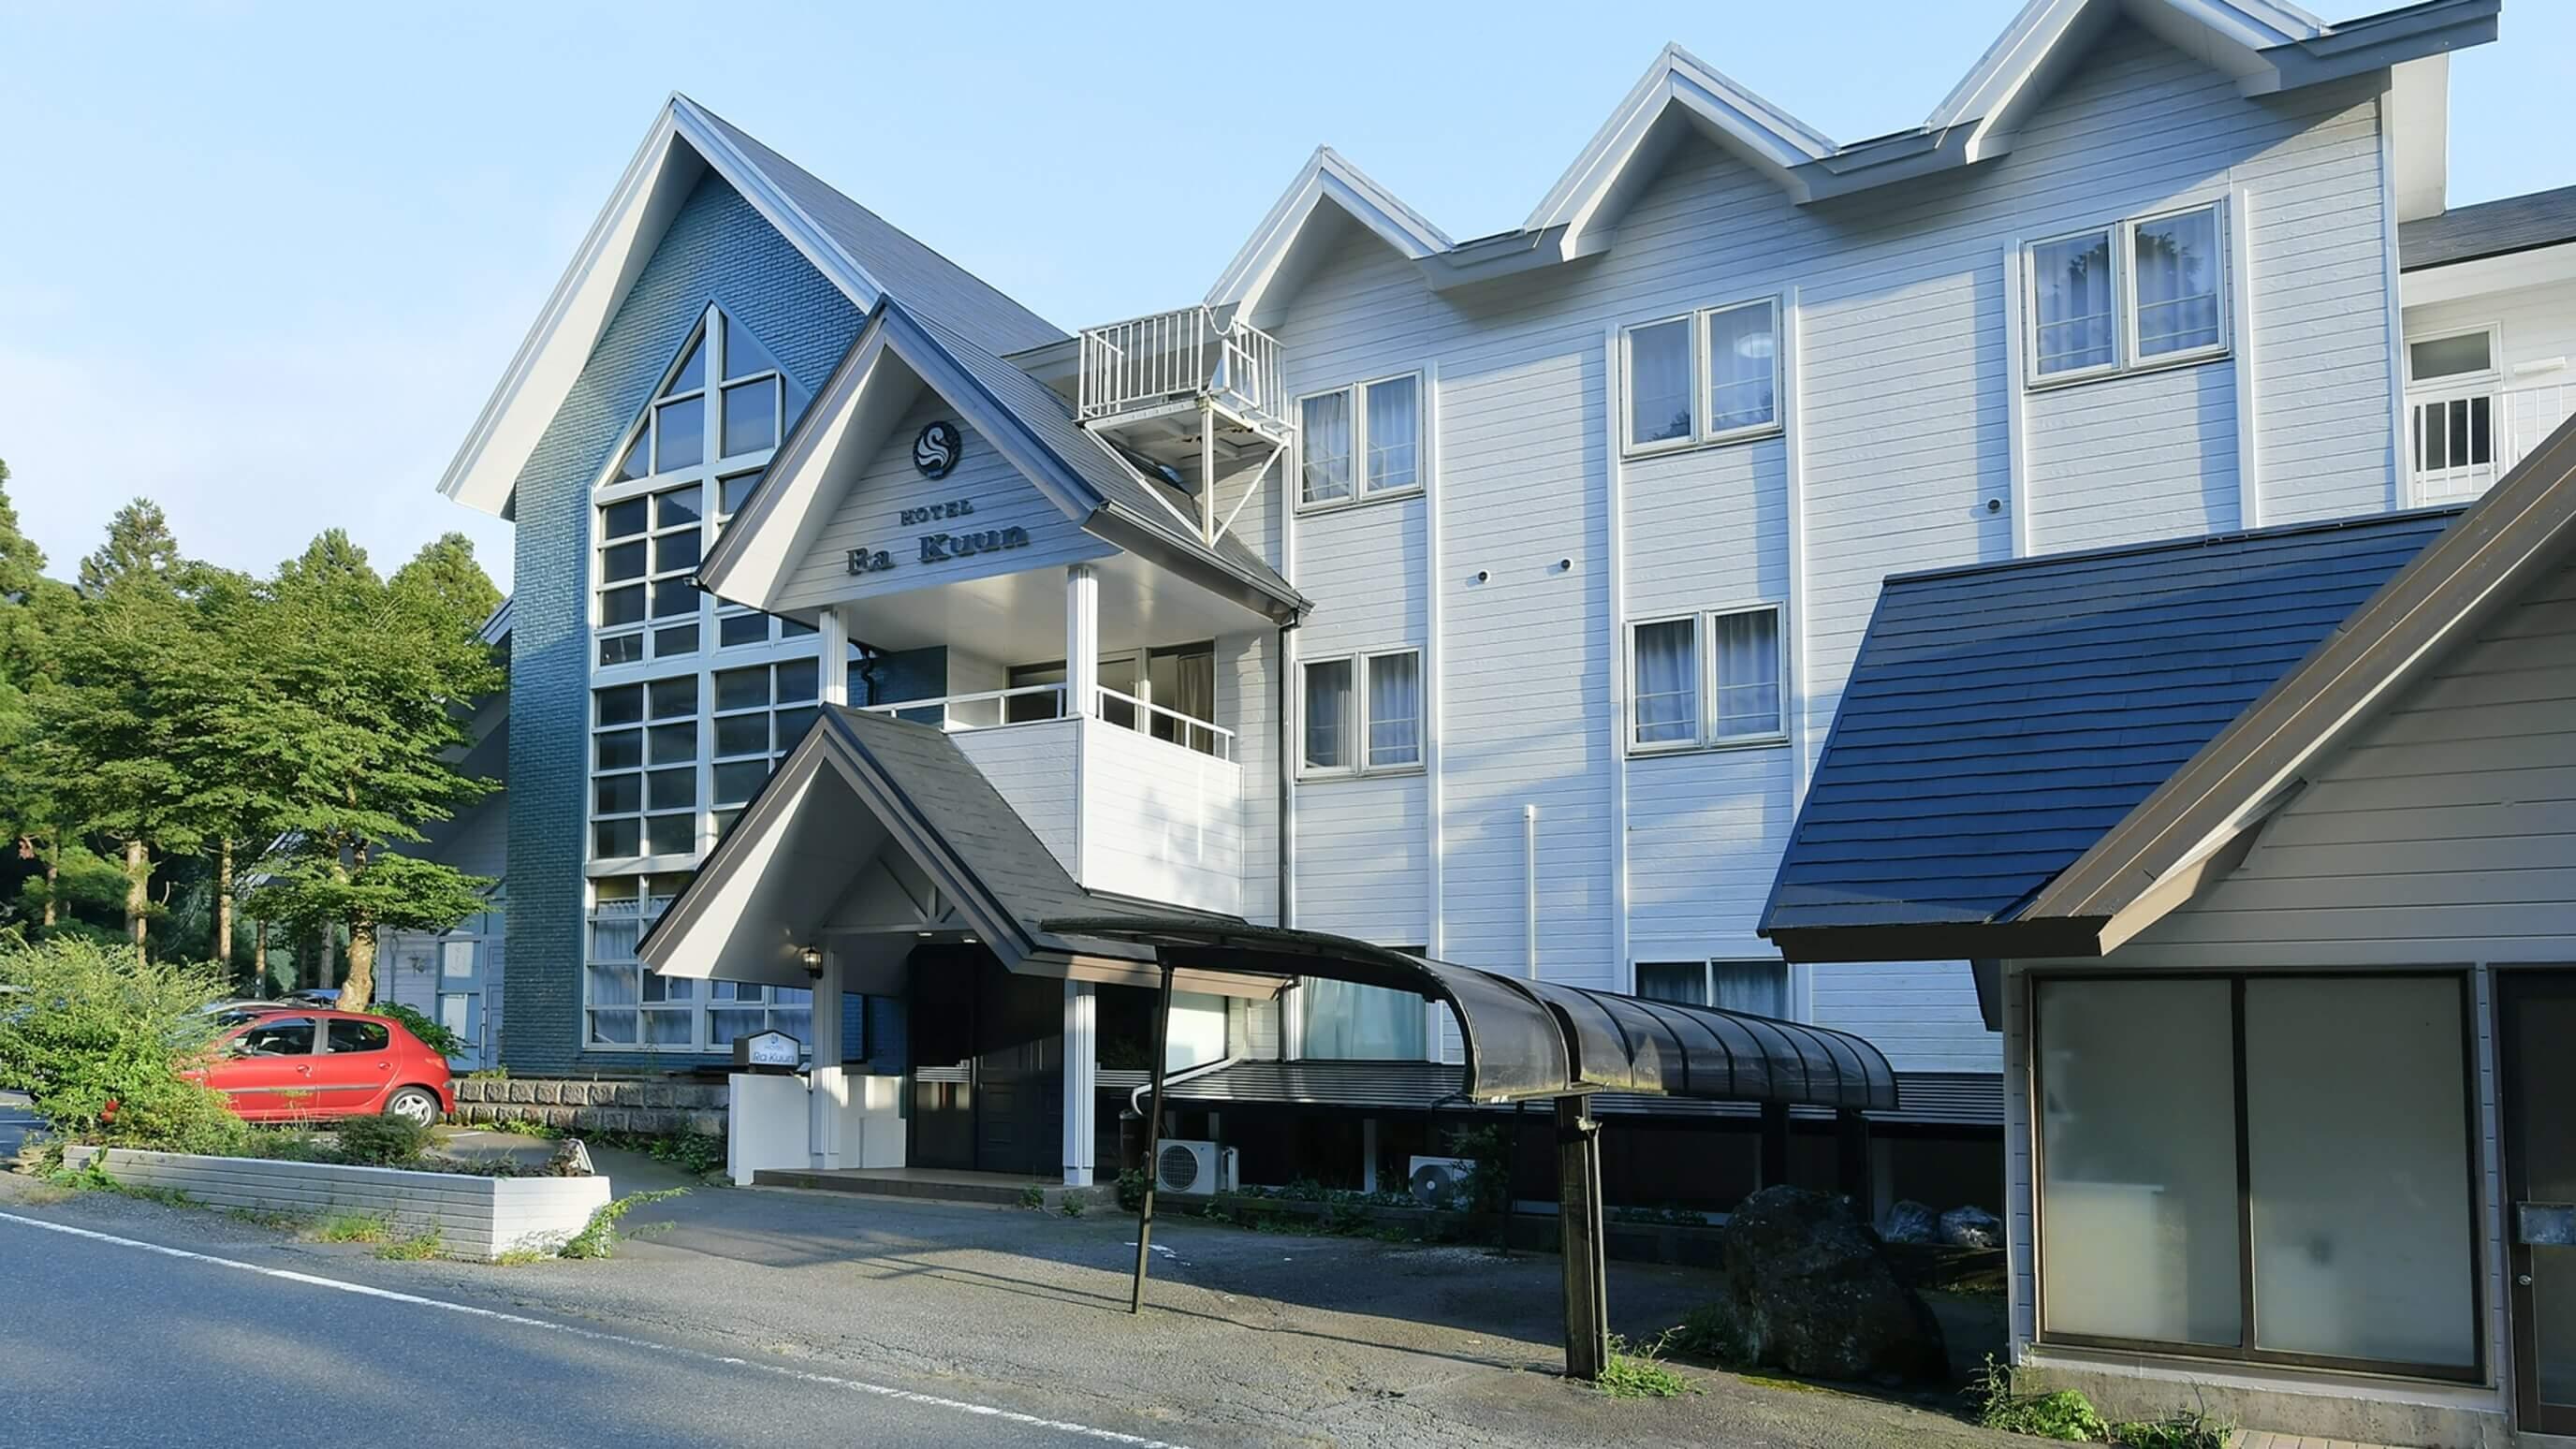 【2021年最新】釣りができる関東のおすすめ宿・ホテル8選!家族旅行や小旅行に!